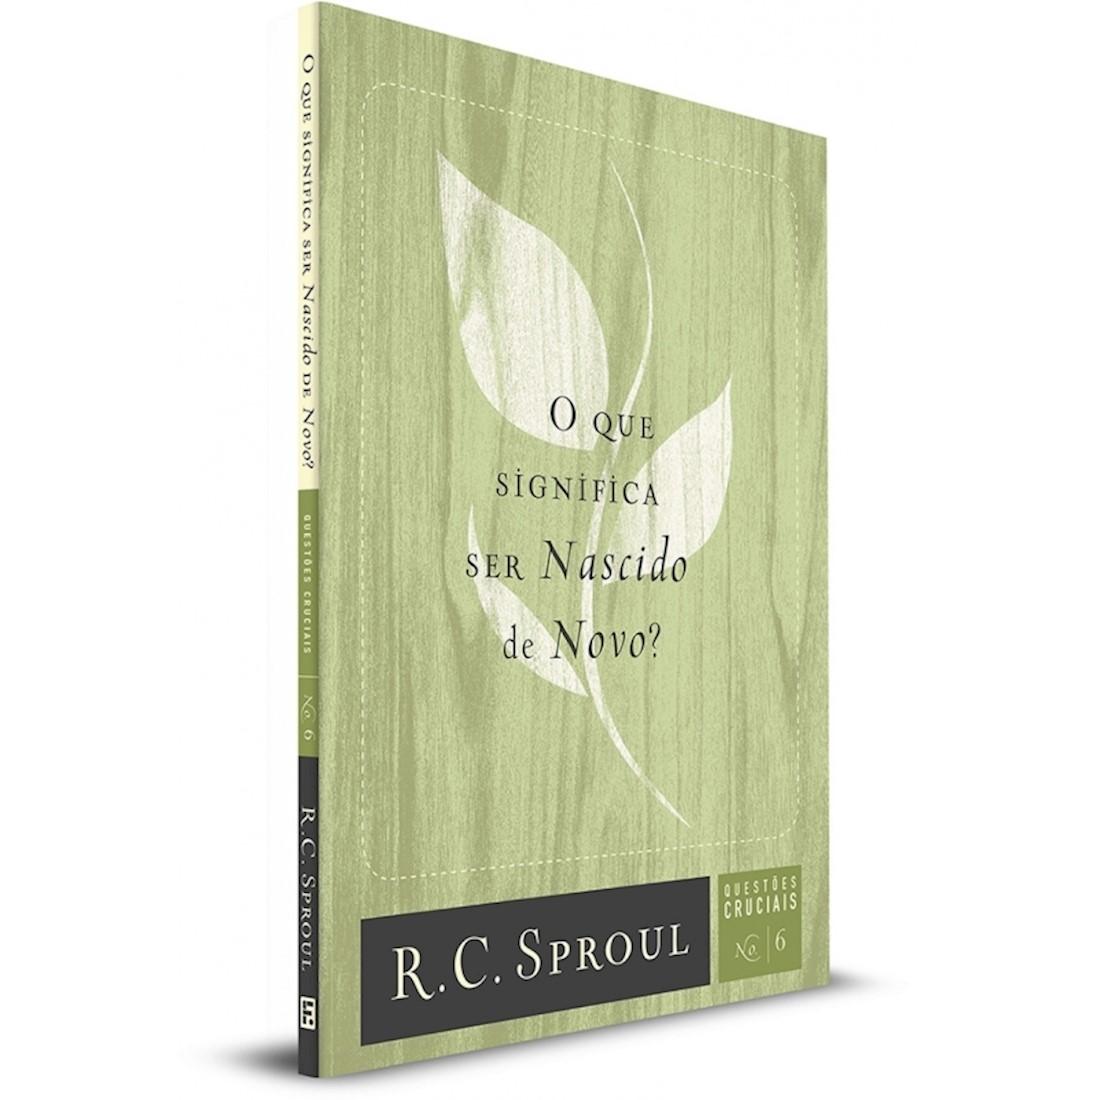 Livro Série Questões Cruciais - O Que Significa ser Nascido de Novo? - Nº 6